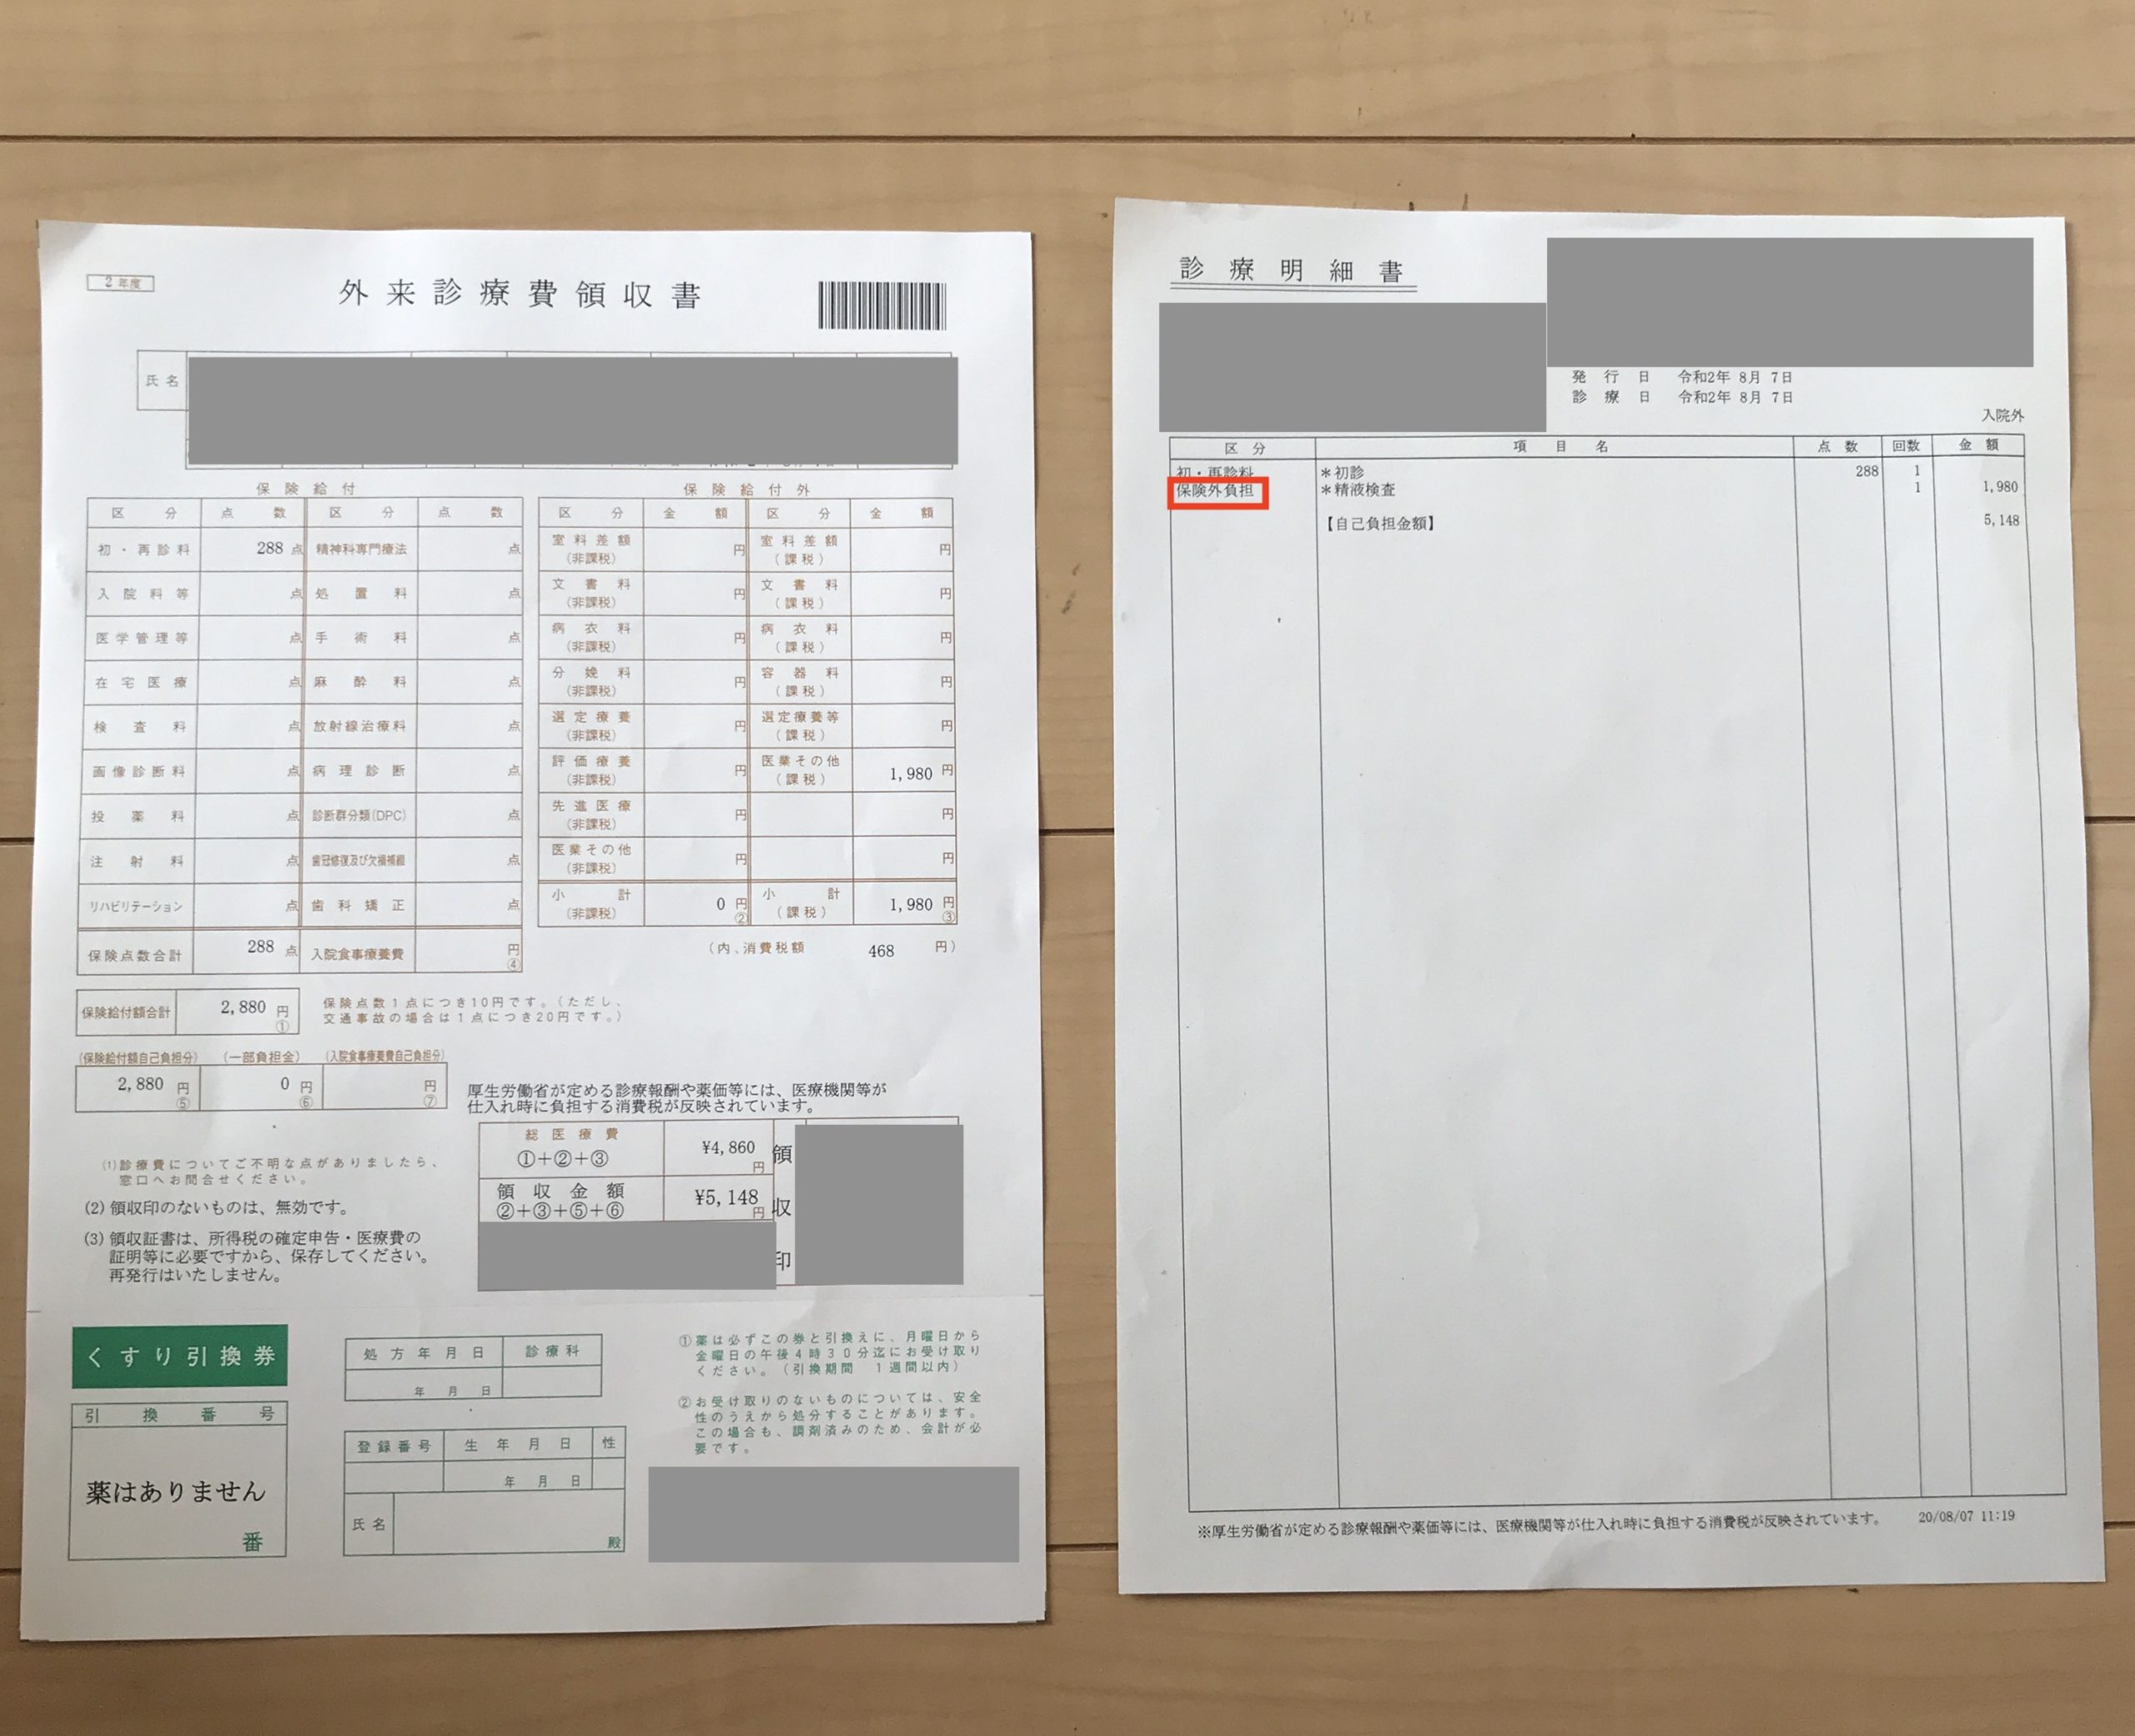 「2回目:ブライダルチェックの検査当日」にかかった費用:5,148円